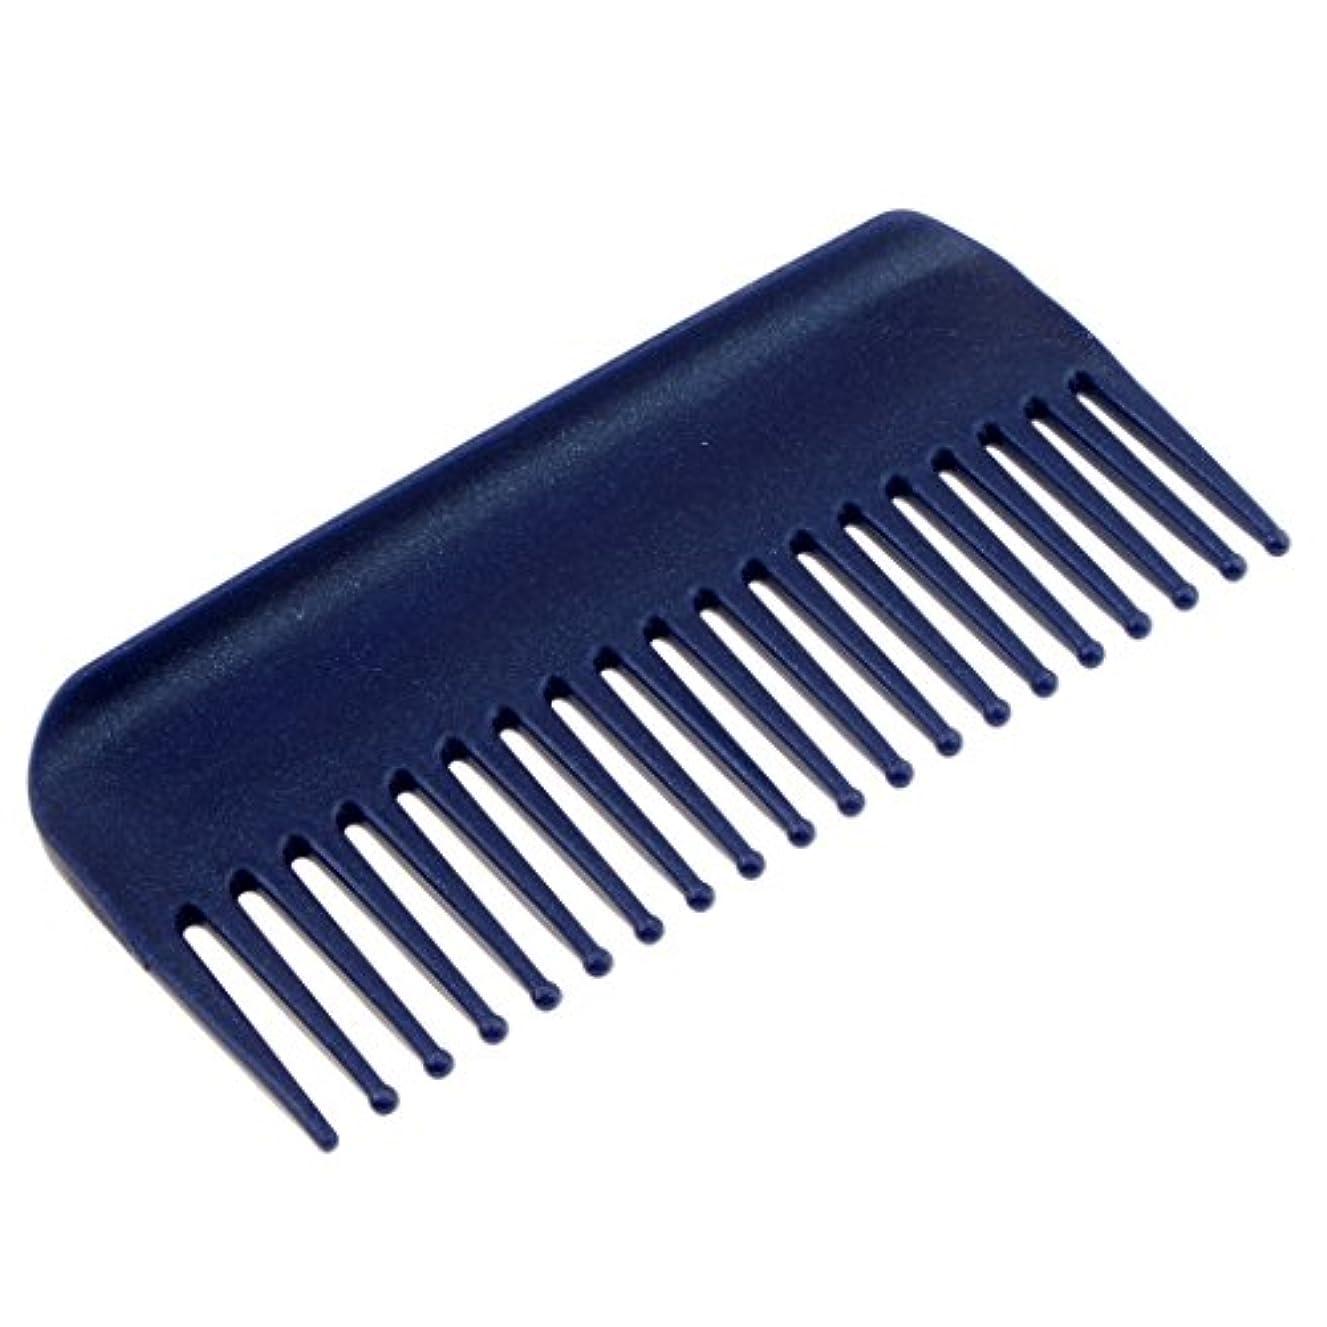 これらラビリンスセマフォHomyl ヘアコーム ヘアブラシ コーム 櫛 くし 頭皮 マッサージ 耐熱性 帯電防止 便利 サロン 自宅用 4色選べる - 青